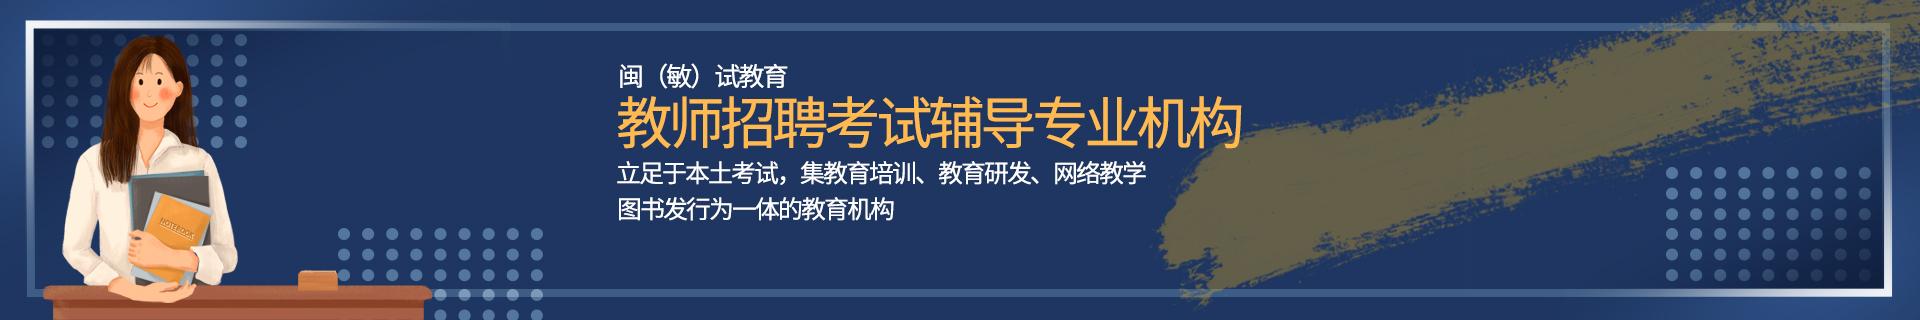 福清市闽试教育福建师范大学五马山校区